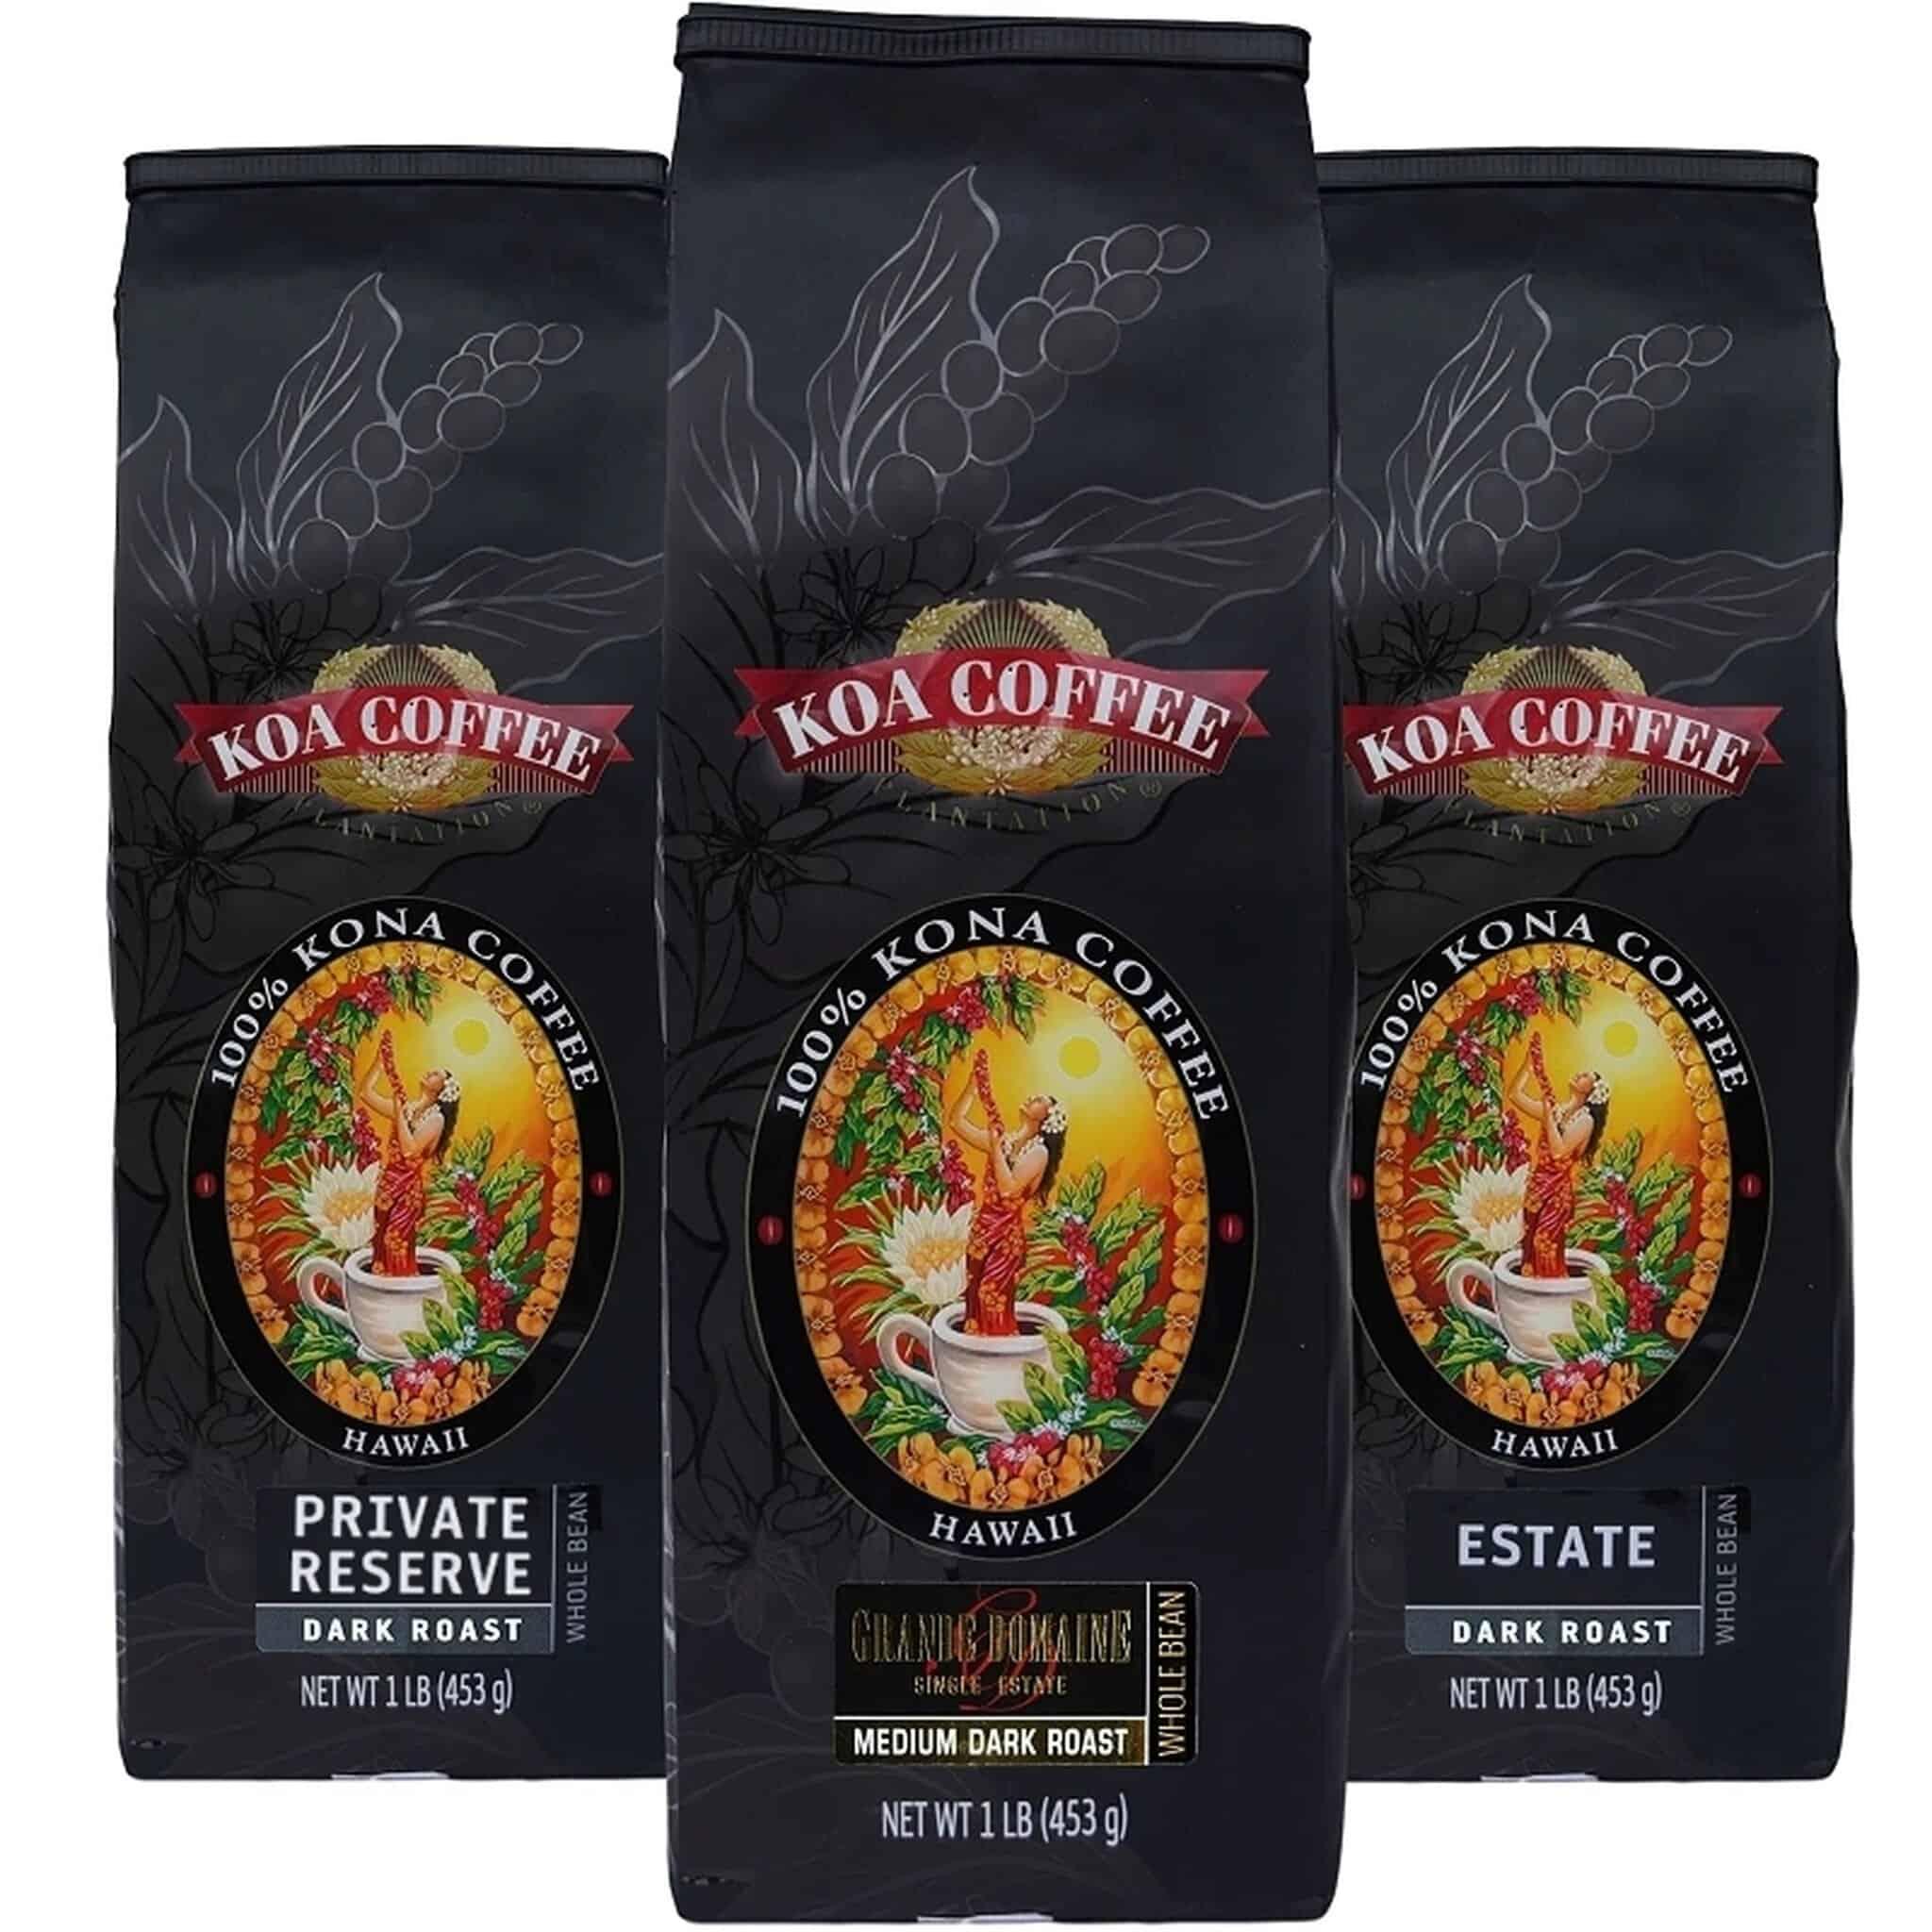 Koa Coffee (Kona)